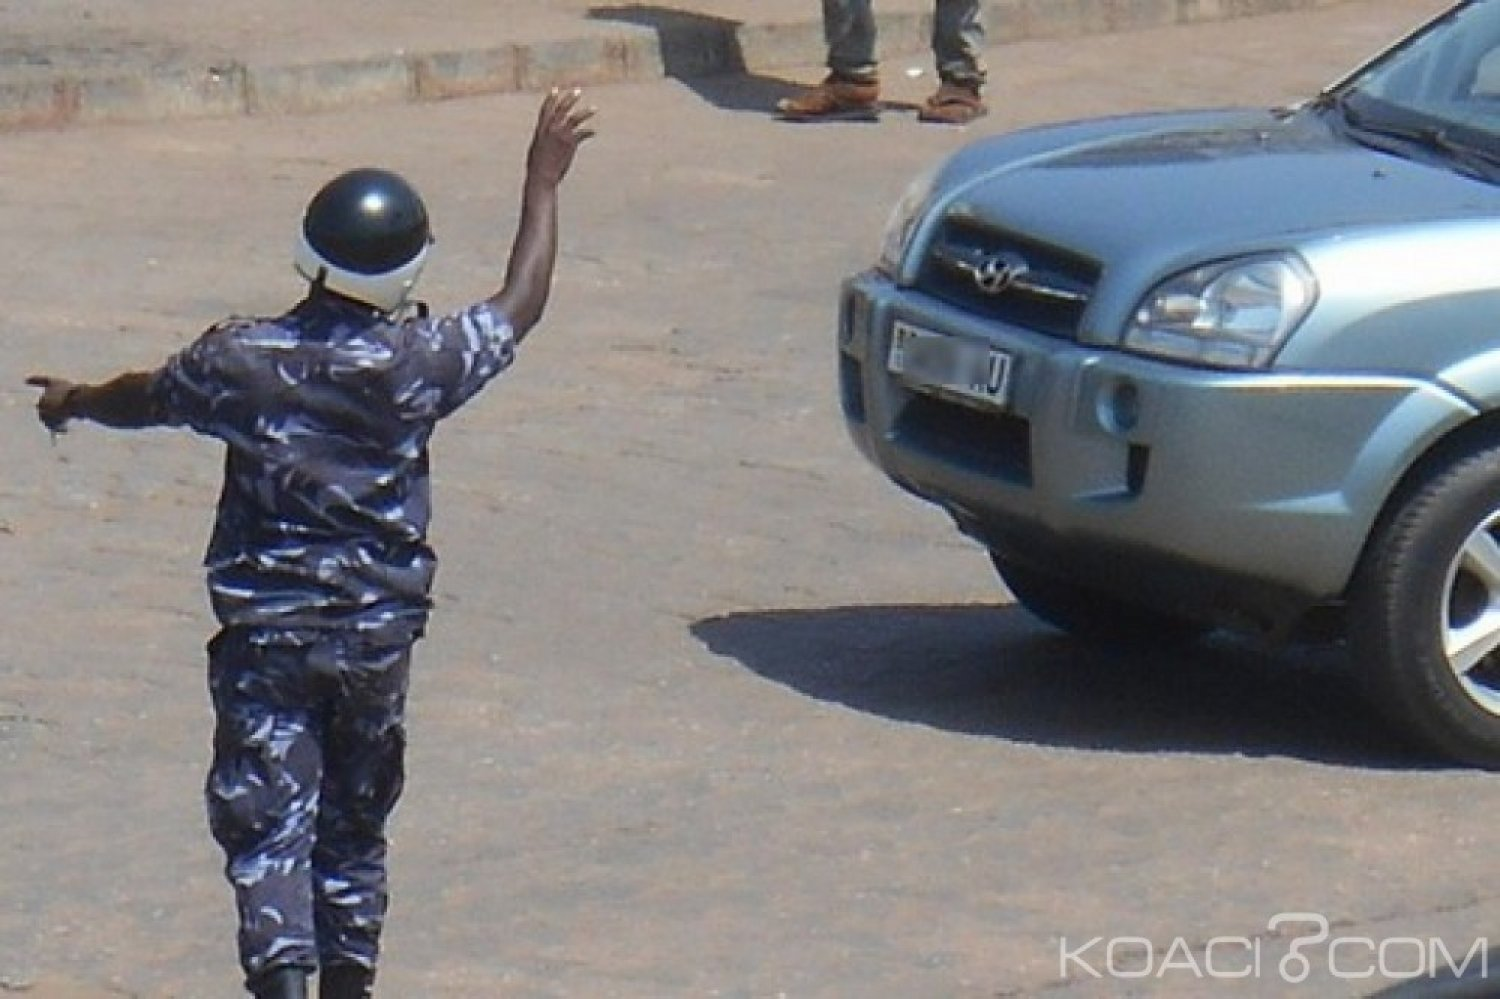 Togo : Précautions pour éviter des braquages, bilan sécuritaire mi-parcours 2019